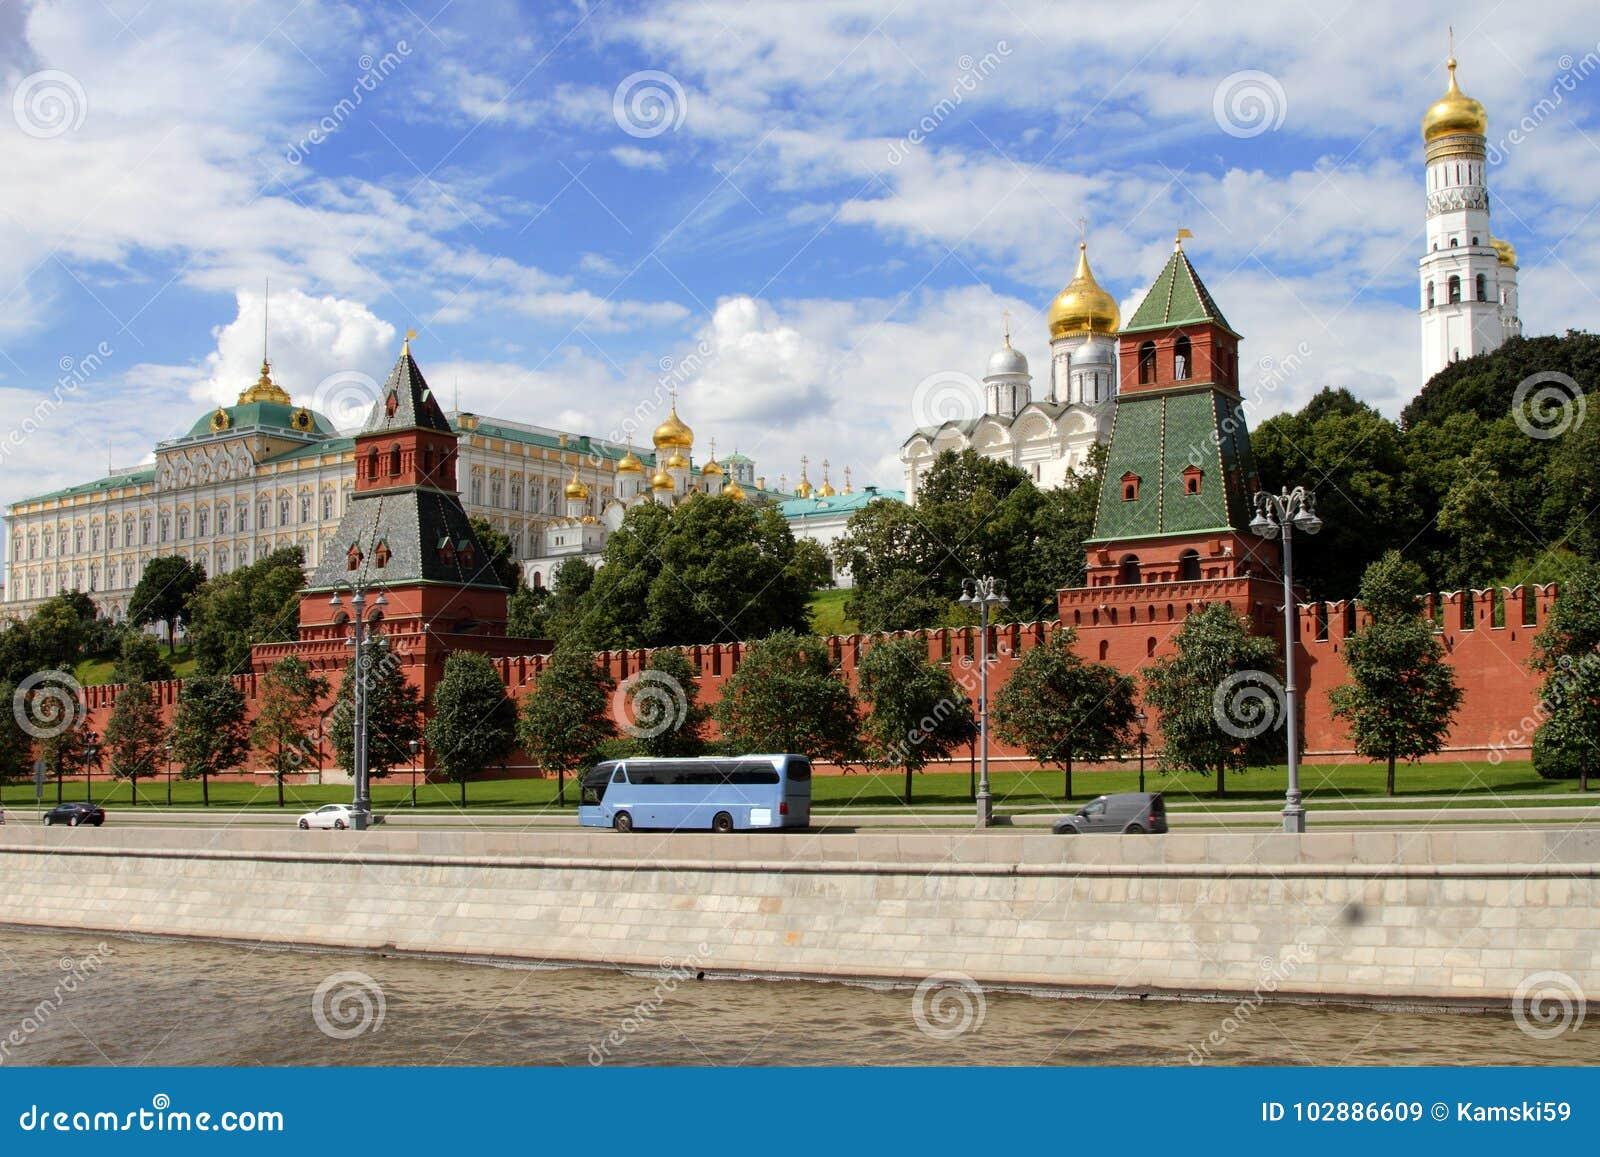 Architektoniczny zespół Moskwa Kremlin